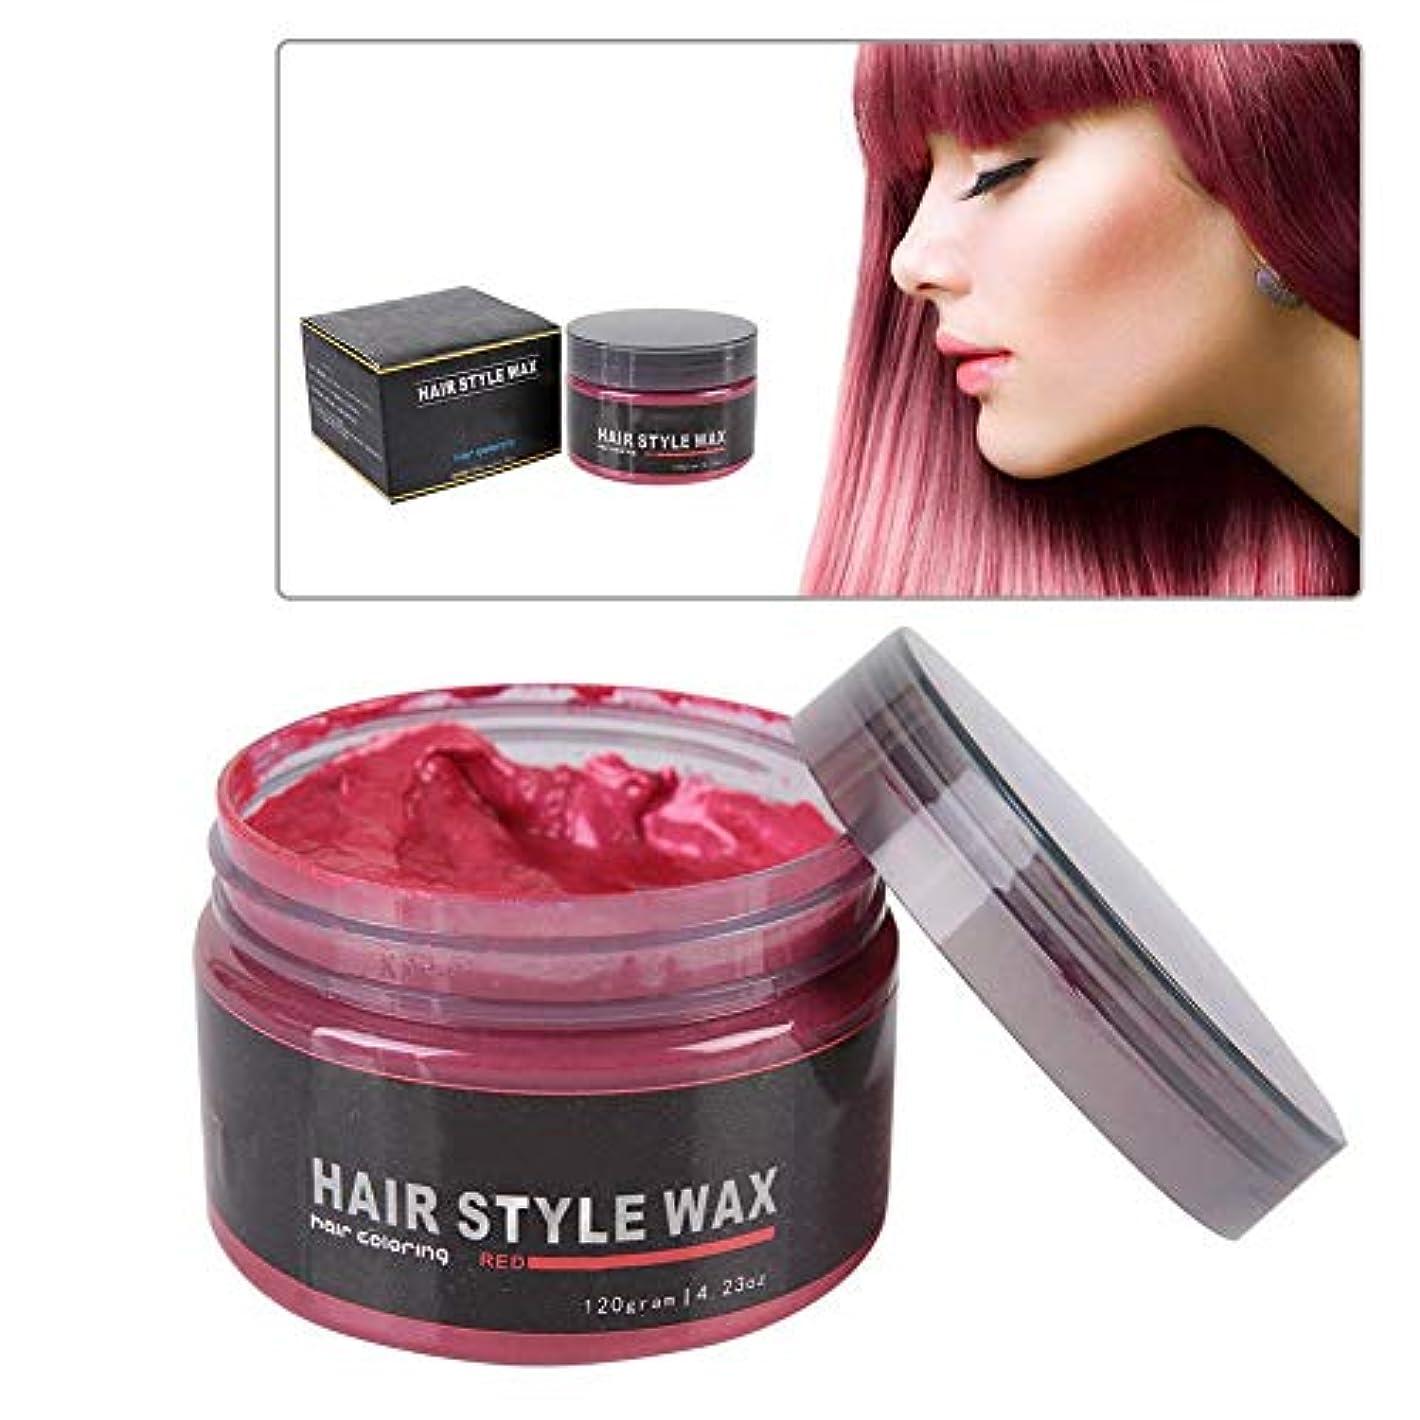 大事にする病気だと思う挑発する使い捨ての新しいヘアカラーワックス、染毛剤の着色泥のヘアスタイルモデリングクリーム120グラム(レッド)